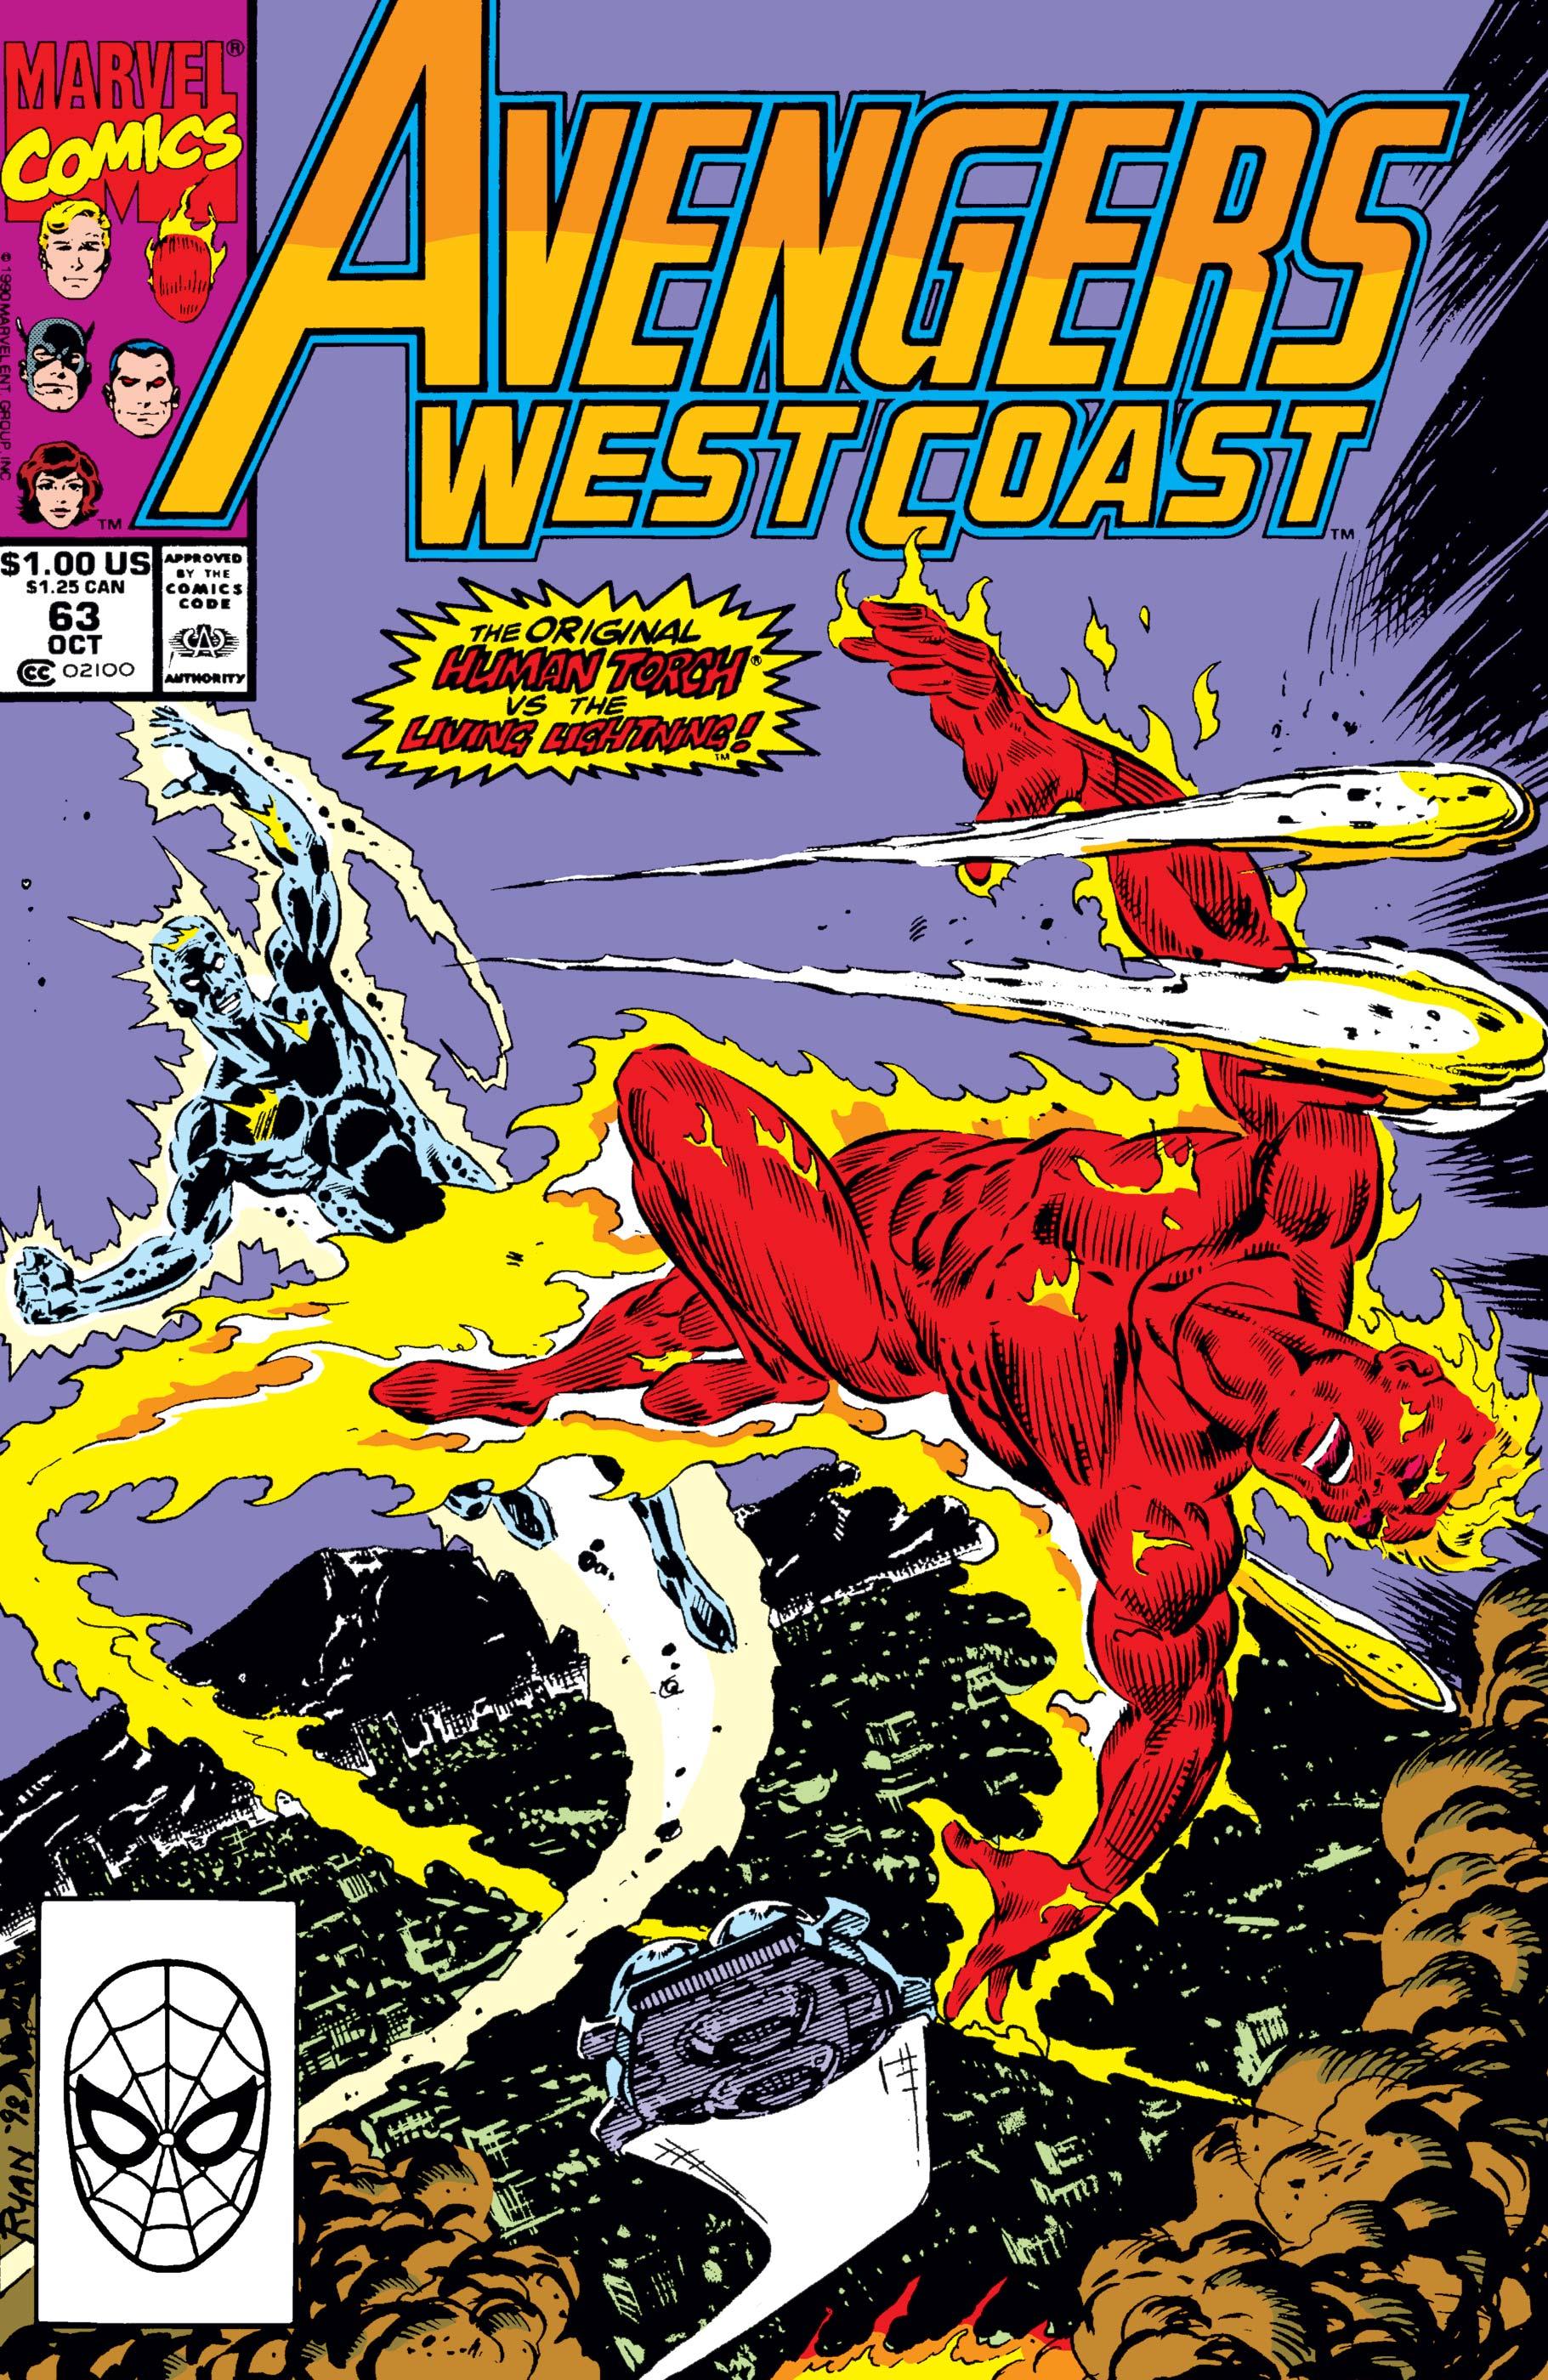 West Coast Avengers (1985) #63